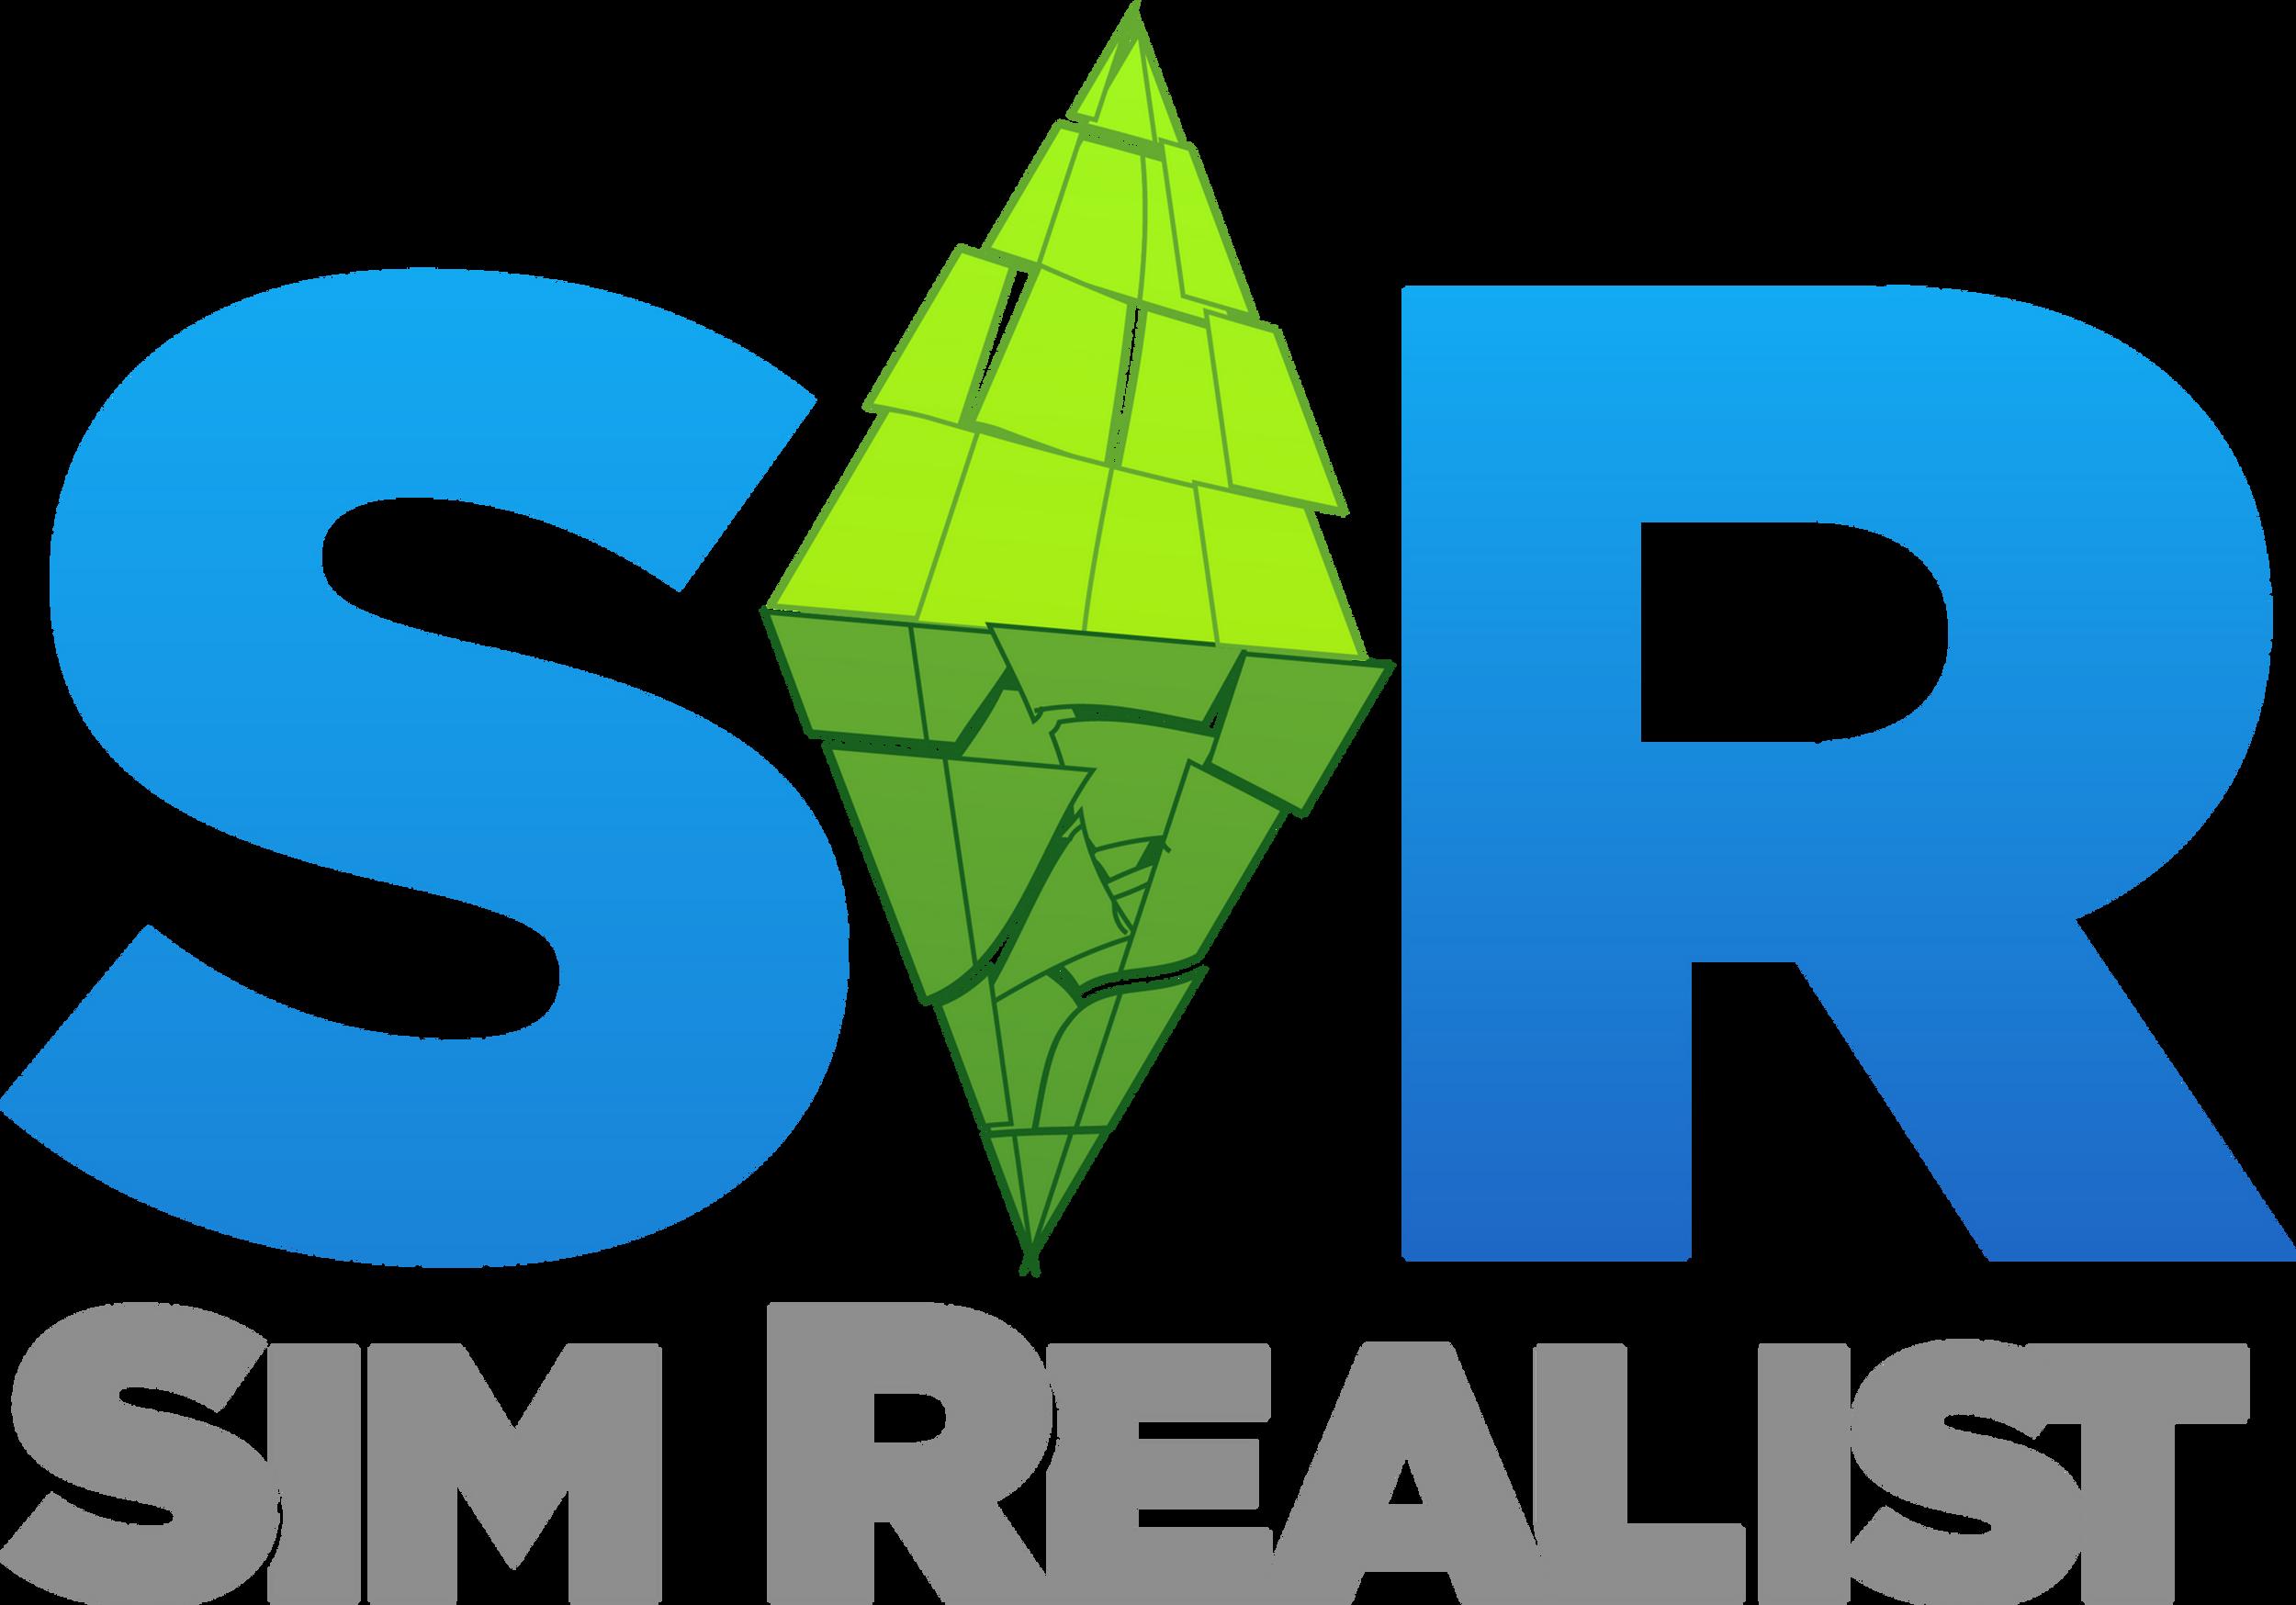 www.simrealist.com